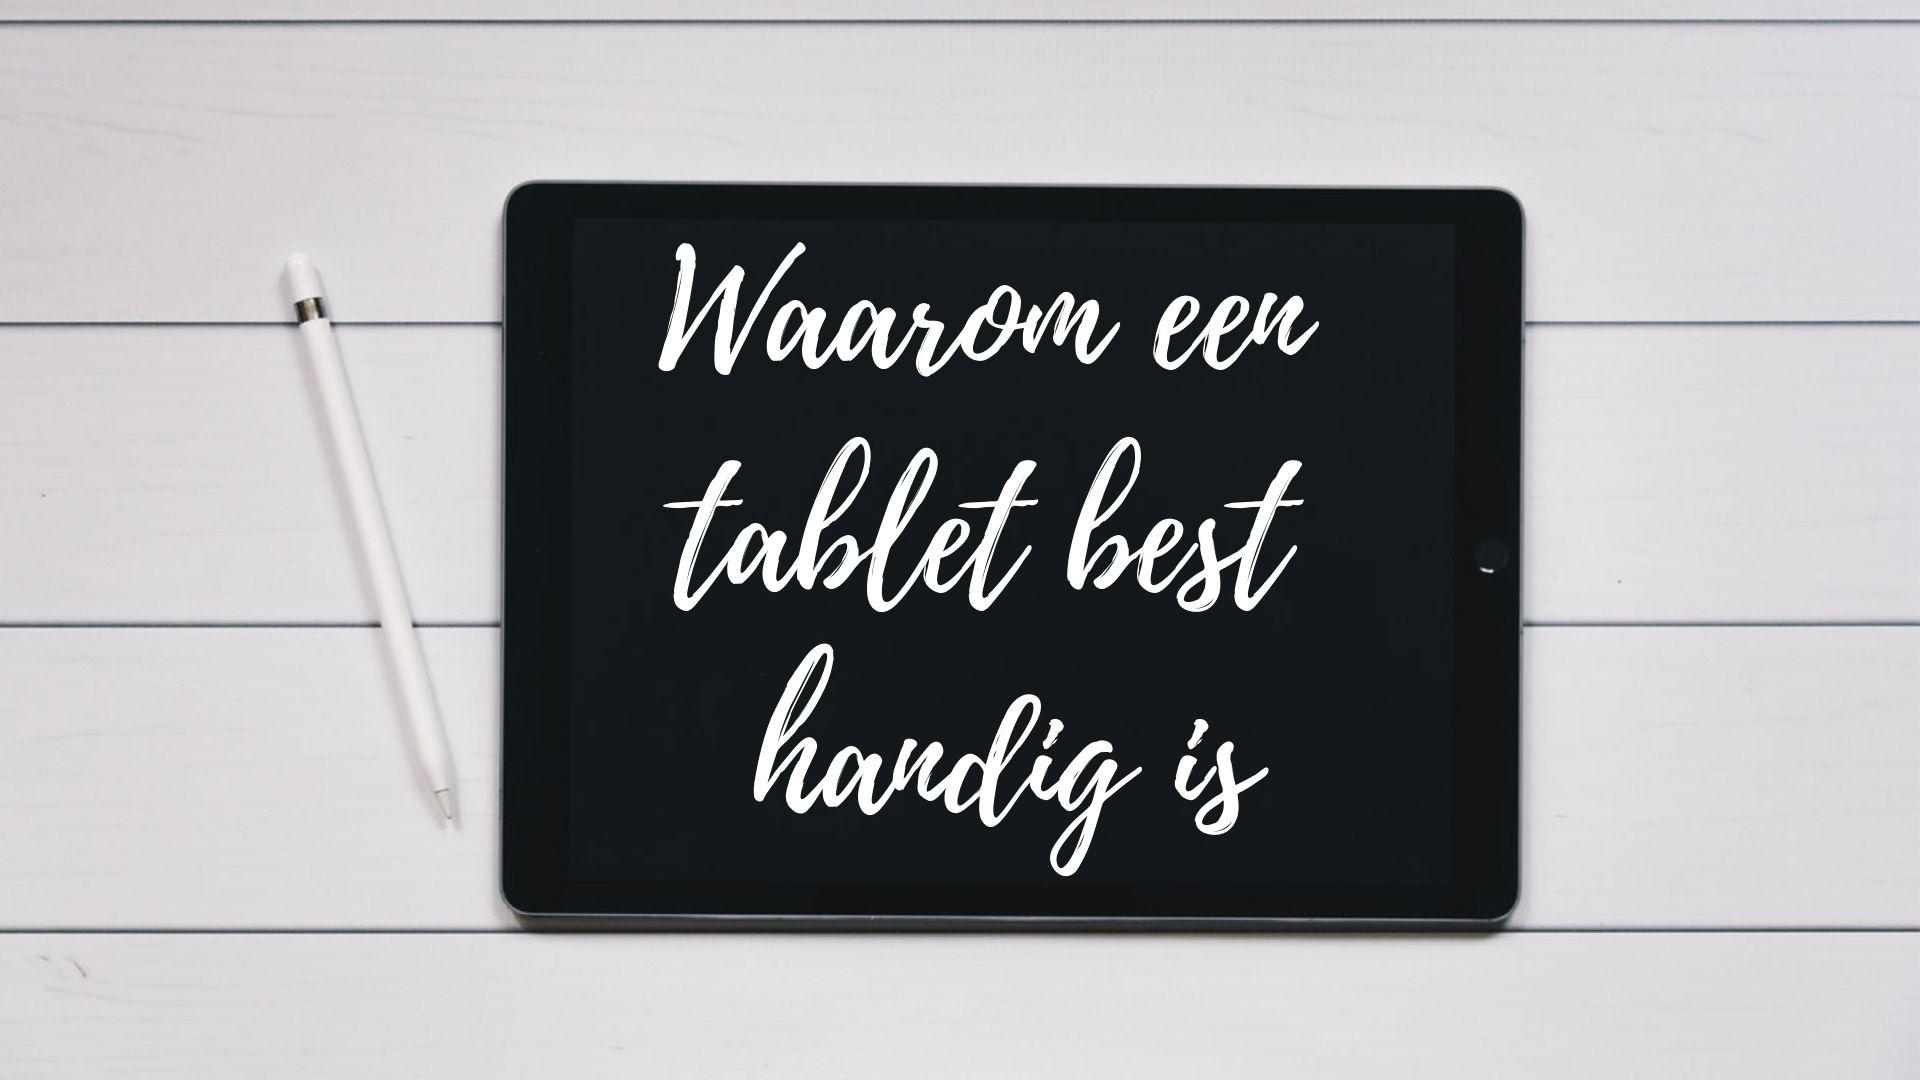 waarom een tablet best handig is